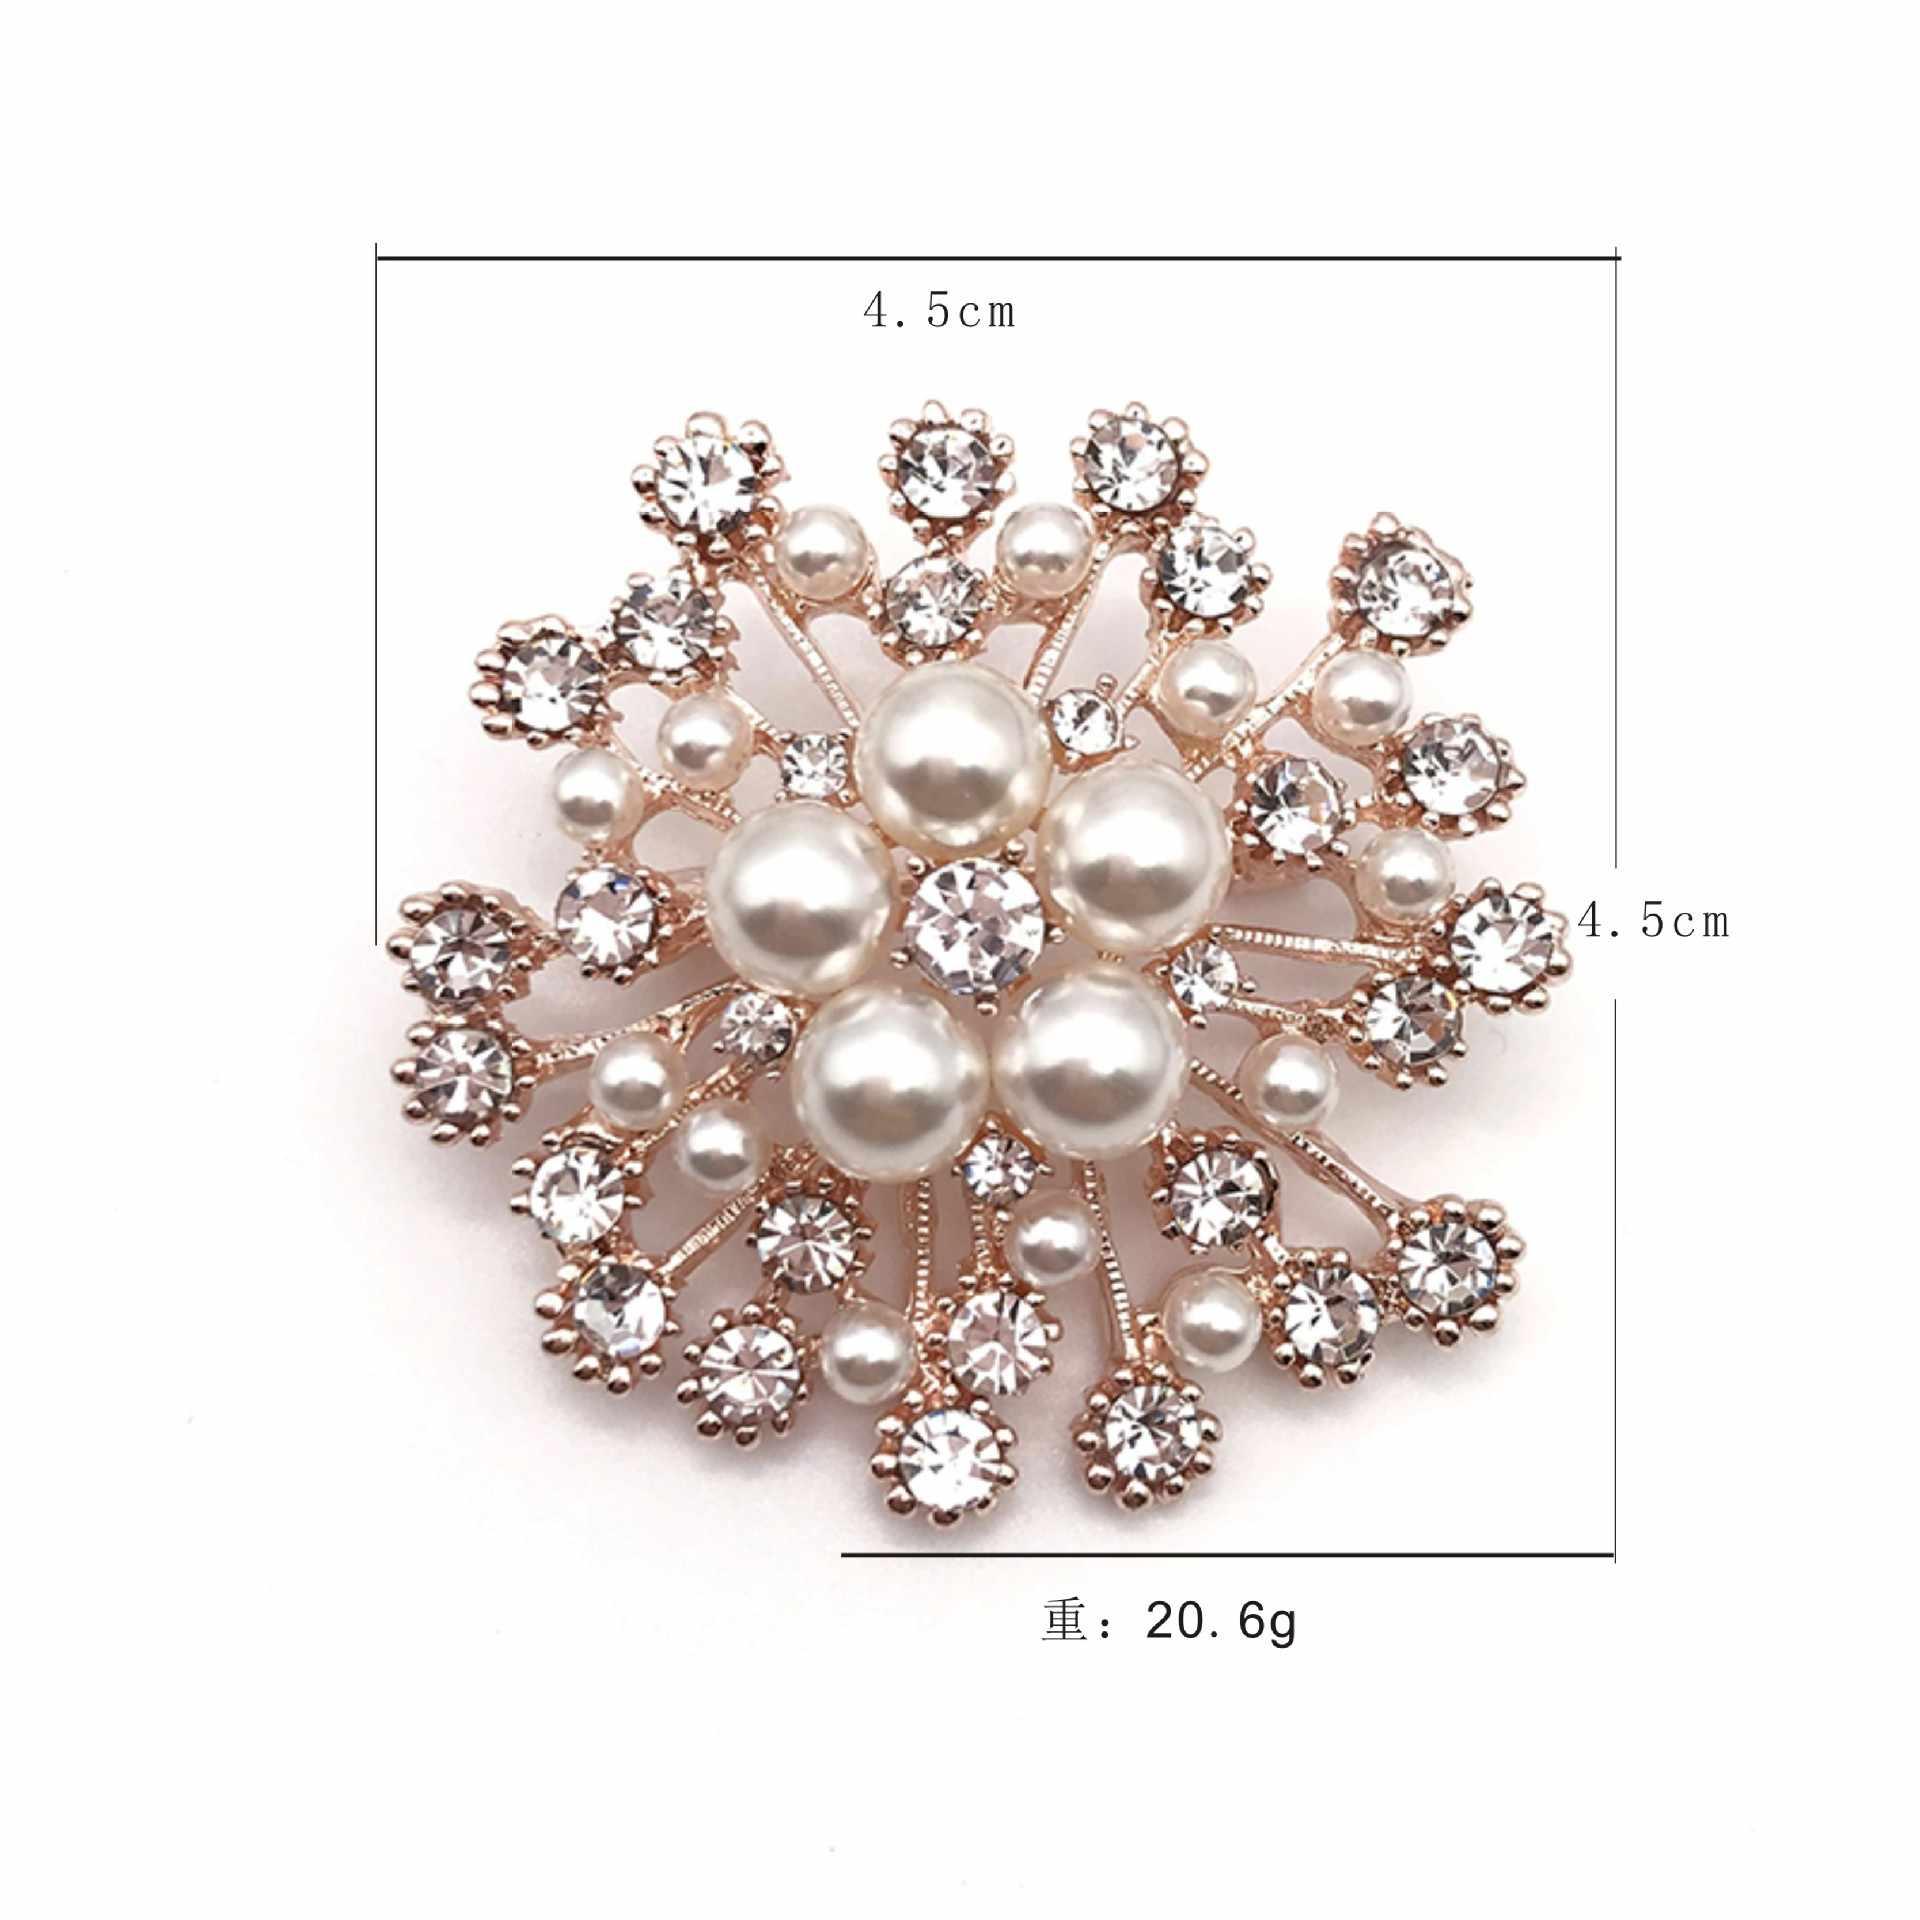 2021 nova moda imitação de pérola strass cristal flor broches para o casamento feminino festa de noiva redondo buquê broche pino